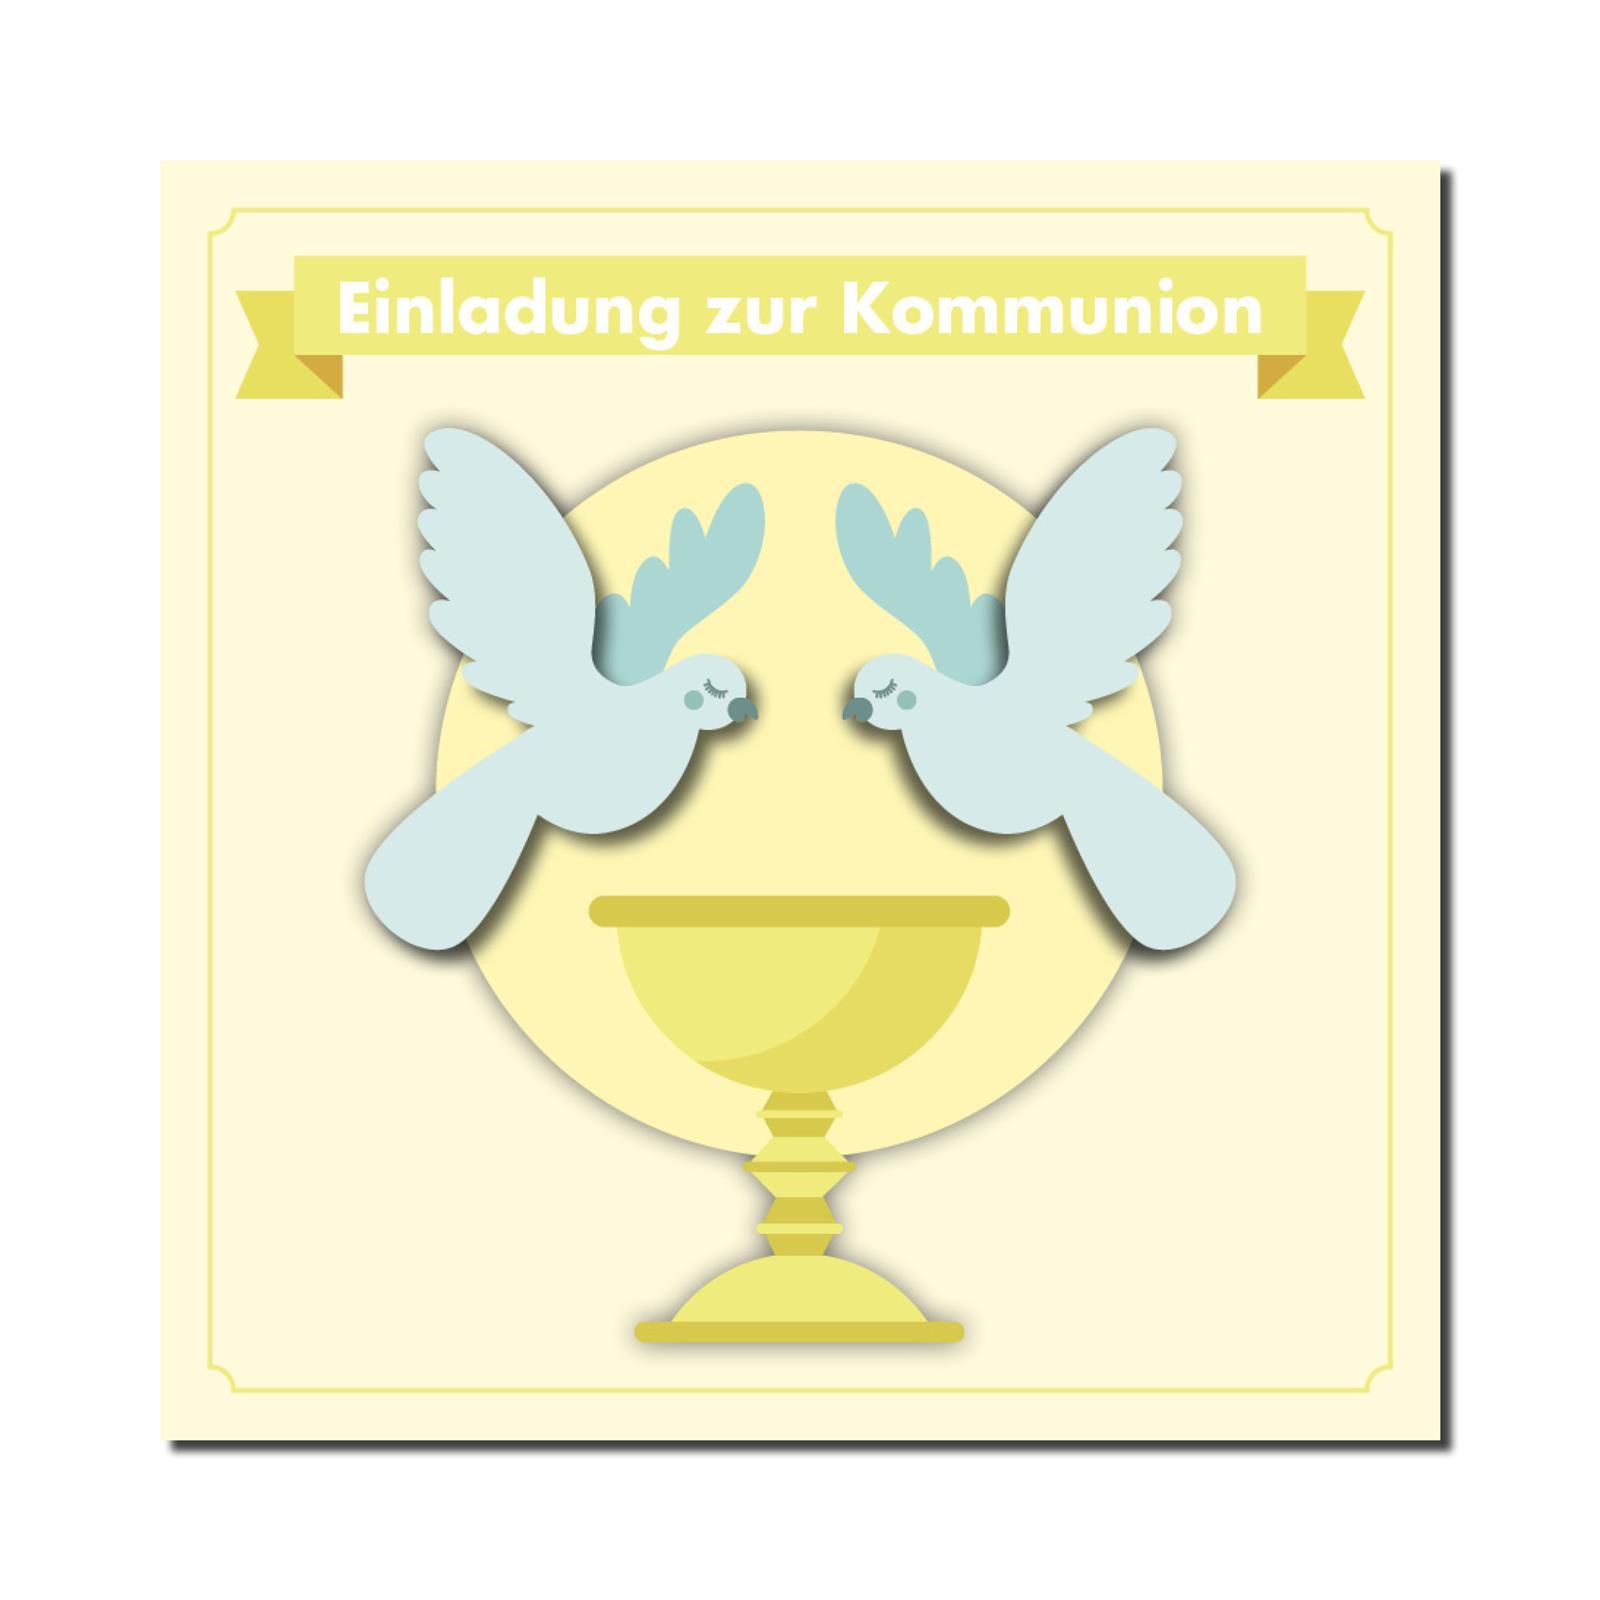 Einladung Einladungskarte Kommunion Friedenstauben  | Exquisite Handwerkskunst  | Kompletter Spezifikationsbereich